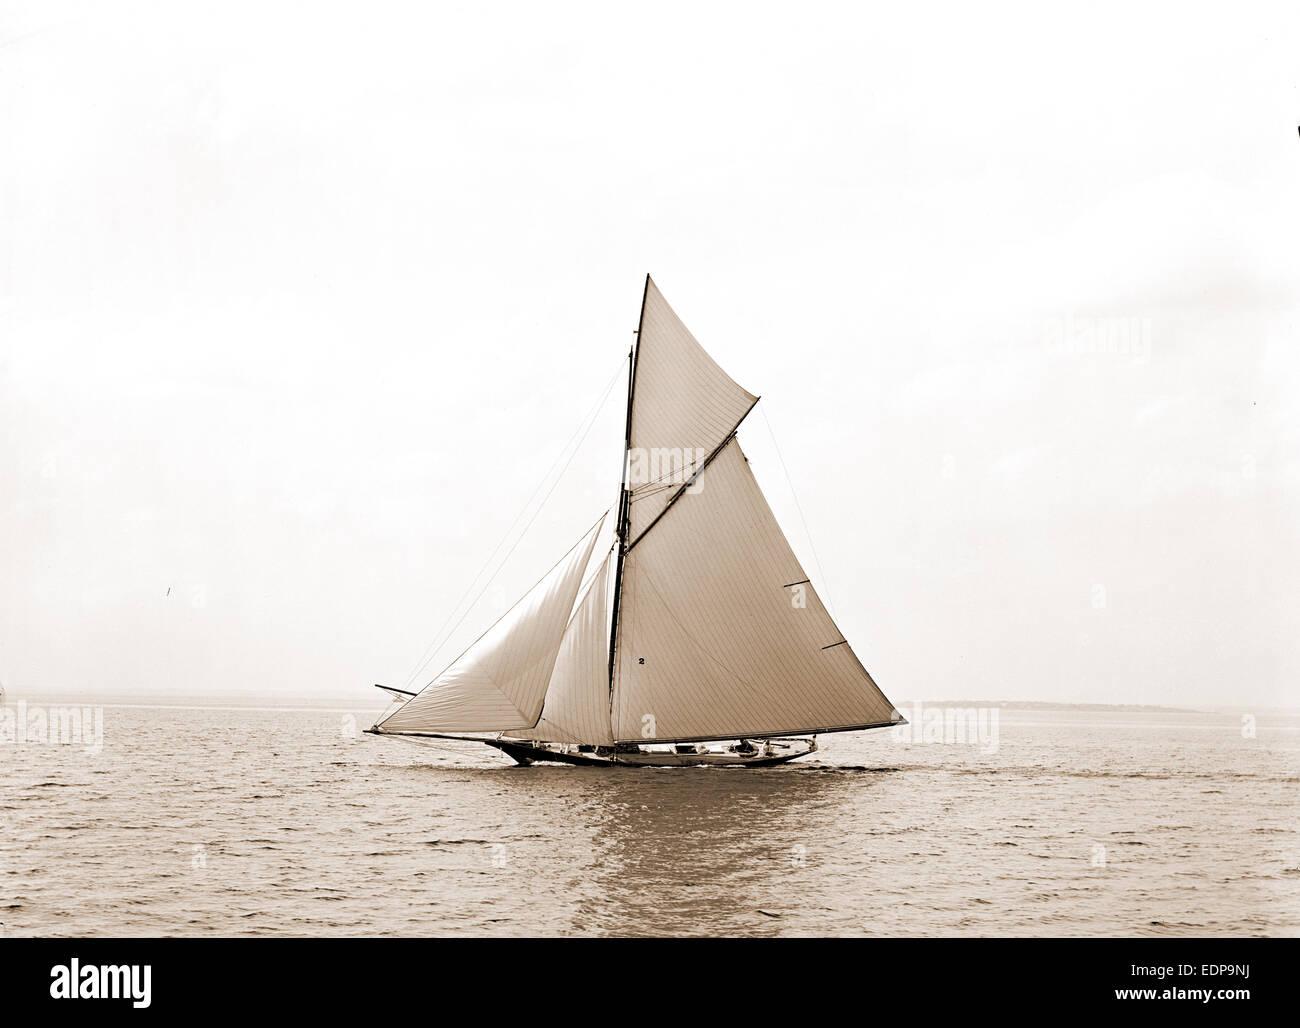 Oweene, July 16, 1891, Oweene (Sloop), Yachts, 1891 - Stock Image